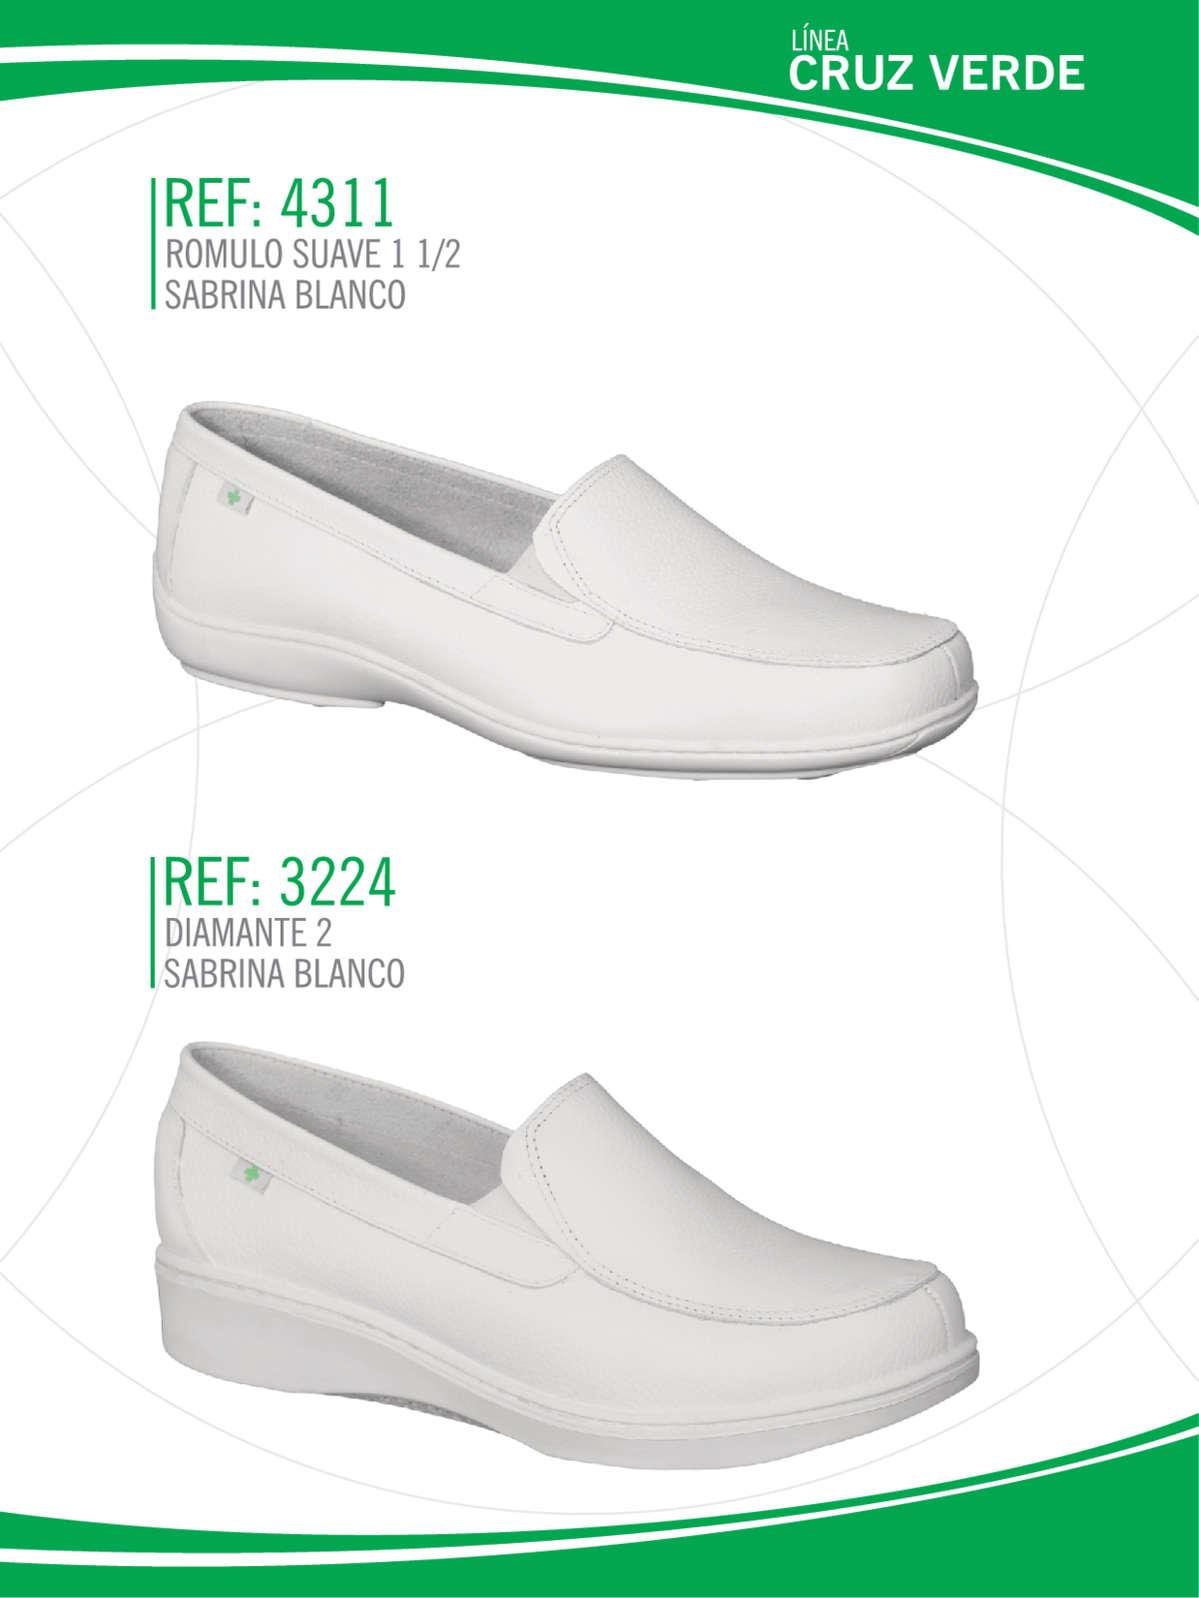 69aab15176 Comprar Zapatos en Cúcuta - Tiendas y promociones - Ofertia